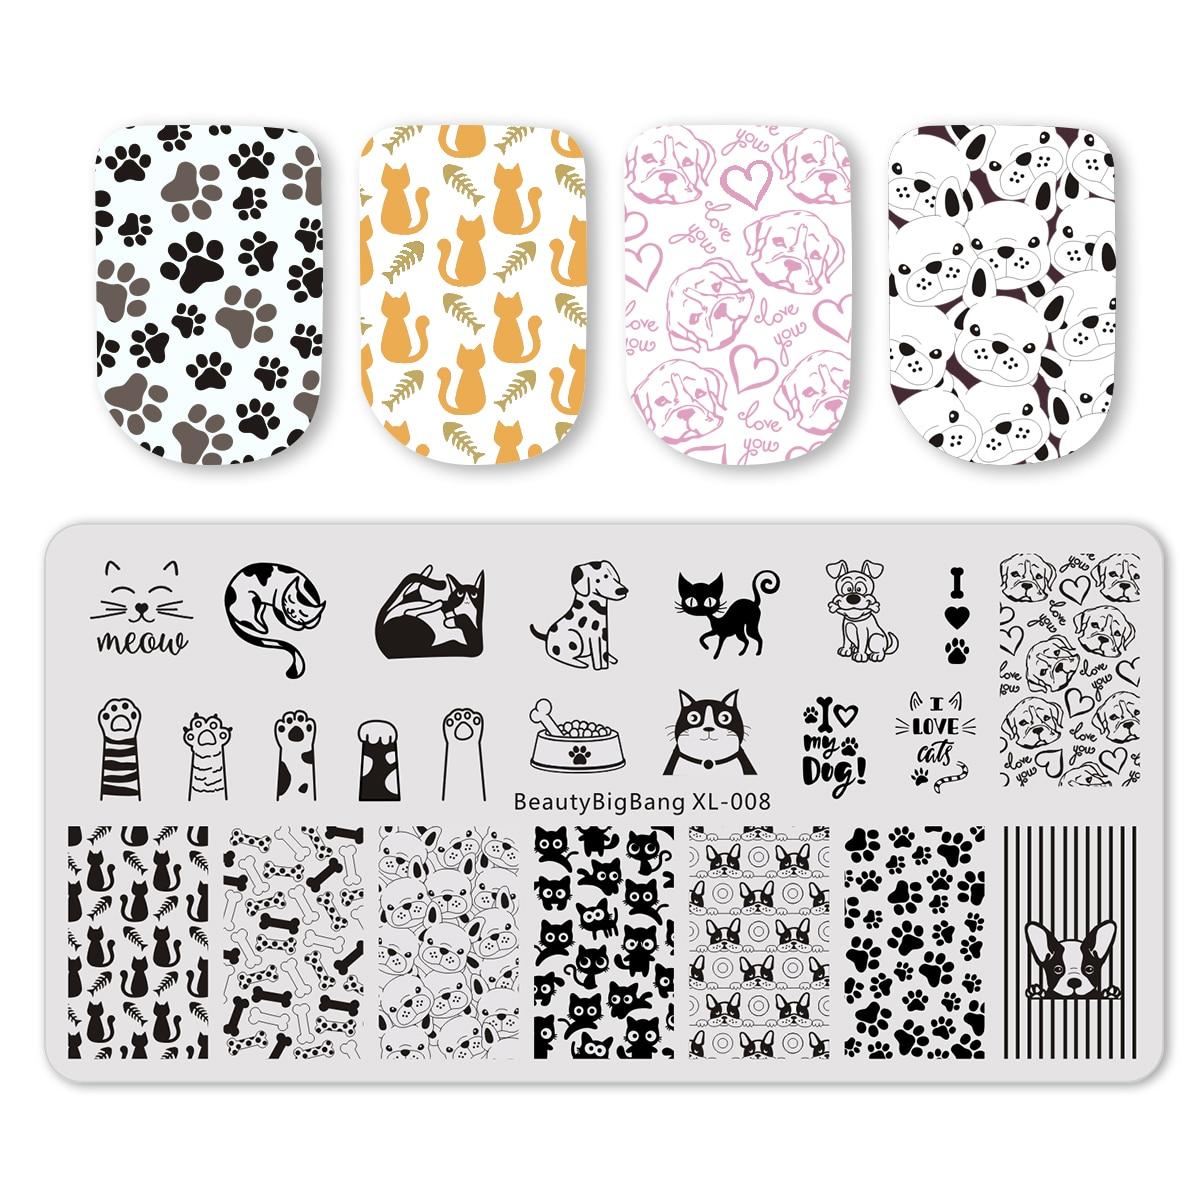 Новинка DIY прямоугольные пластины для стемпинга ногтей с изображением собаки кошки милых животных Шаблоны для дизайна ногтей шаблоны для м...